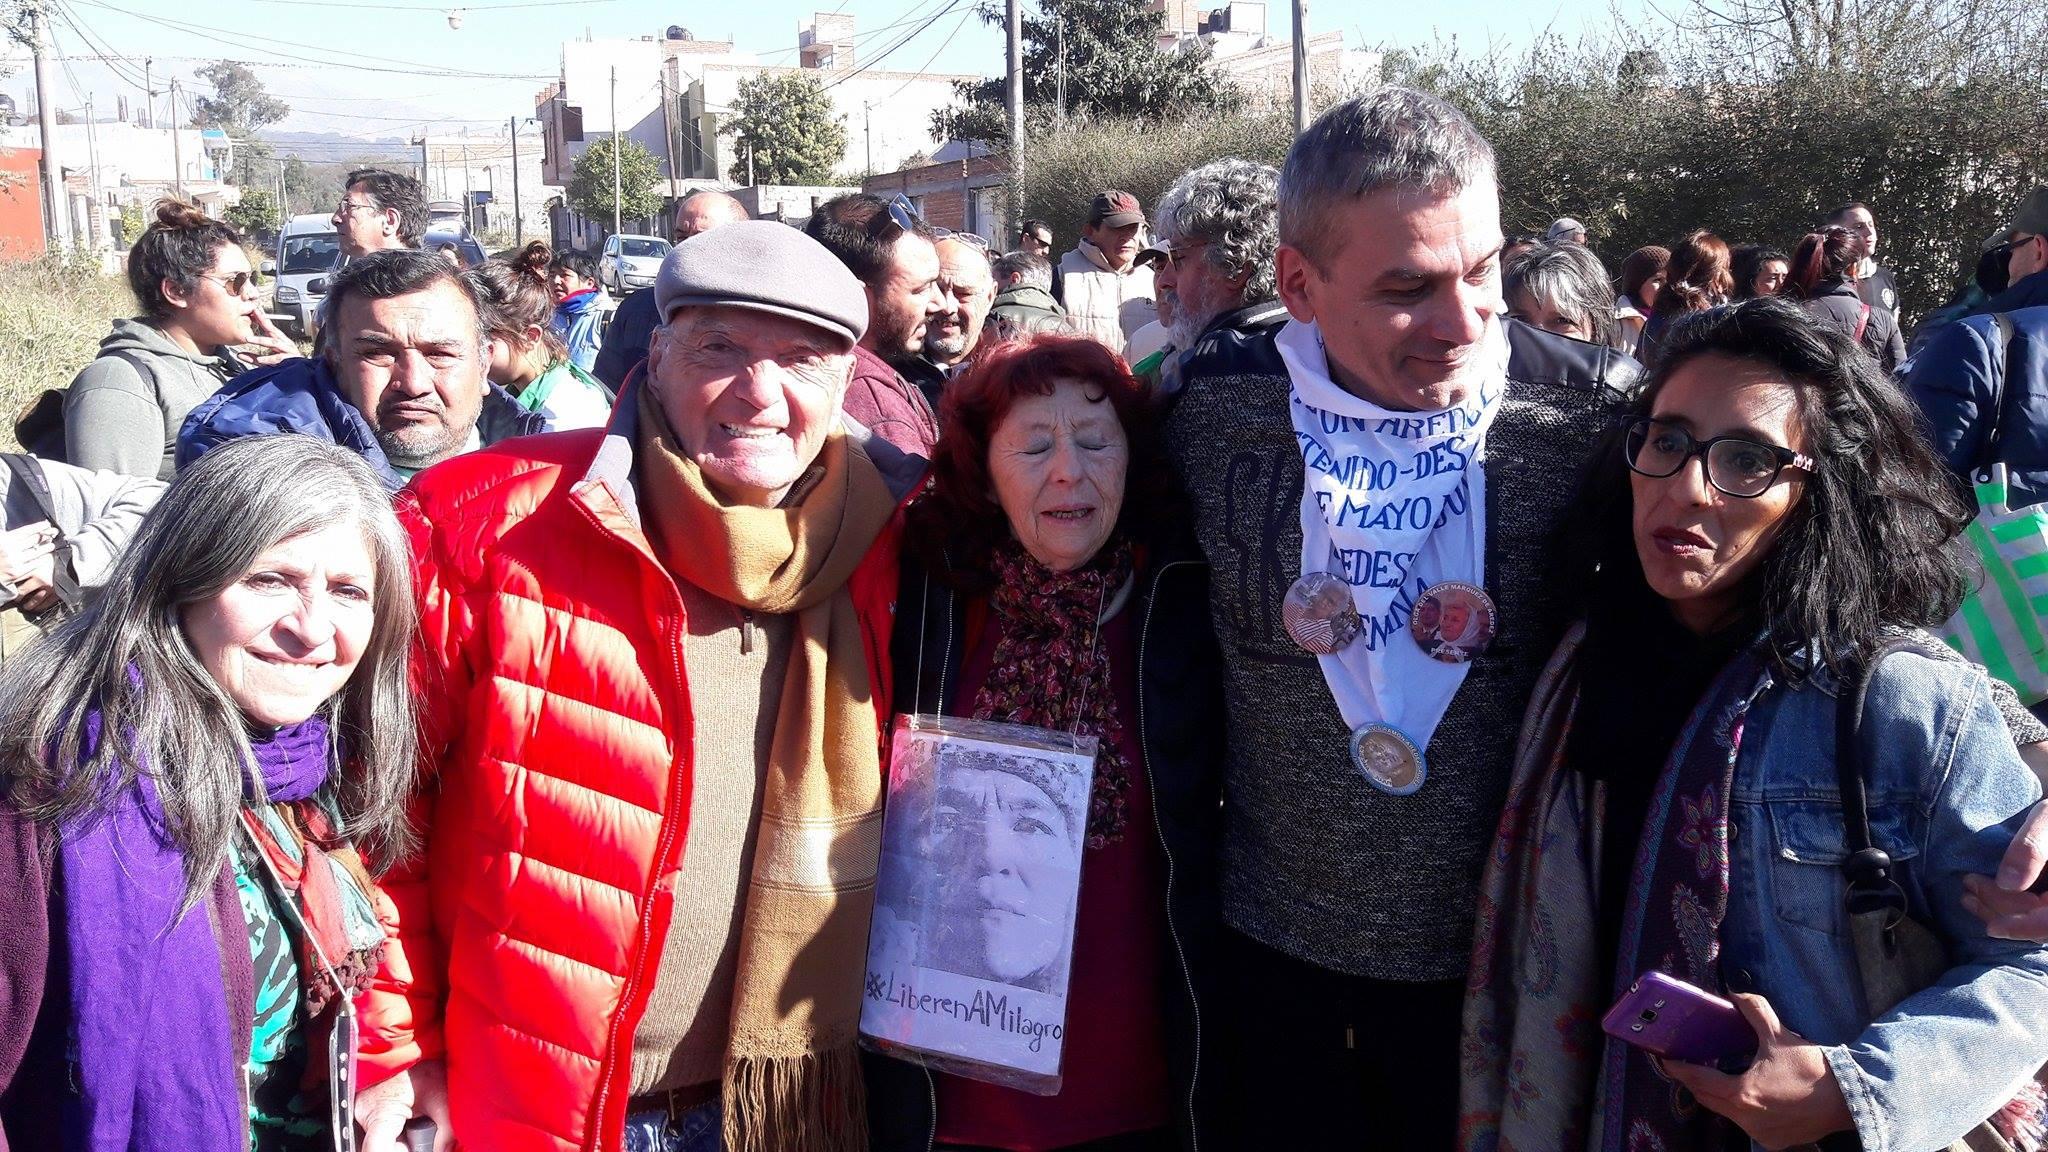 Raquel Kogan con Raúl Noro en la Marcha del Apagón. FOTO: RAQUEL KOGAN.